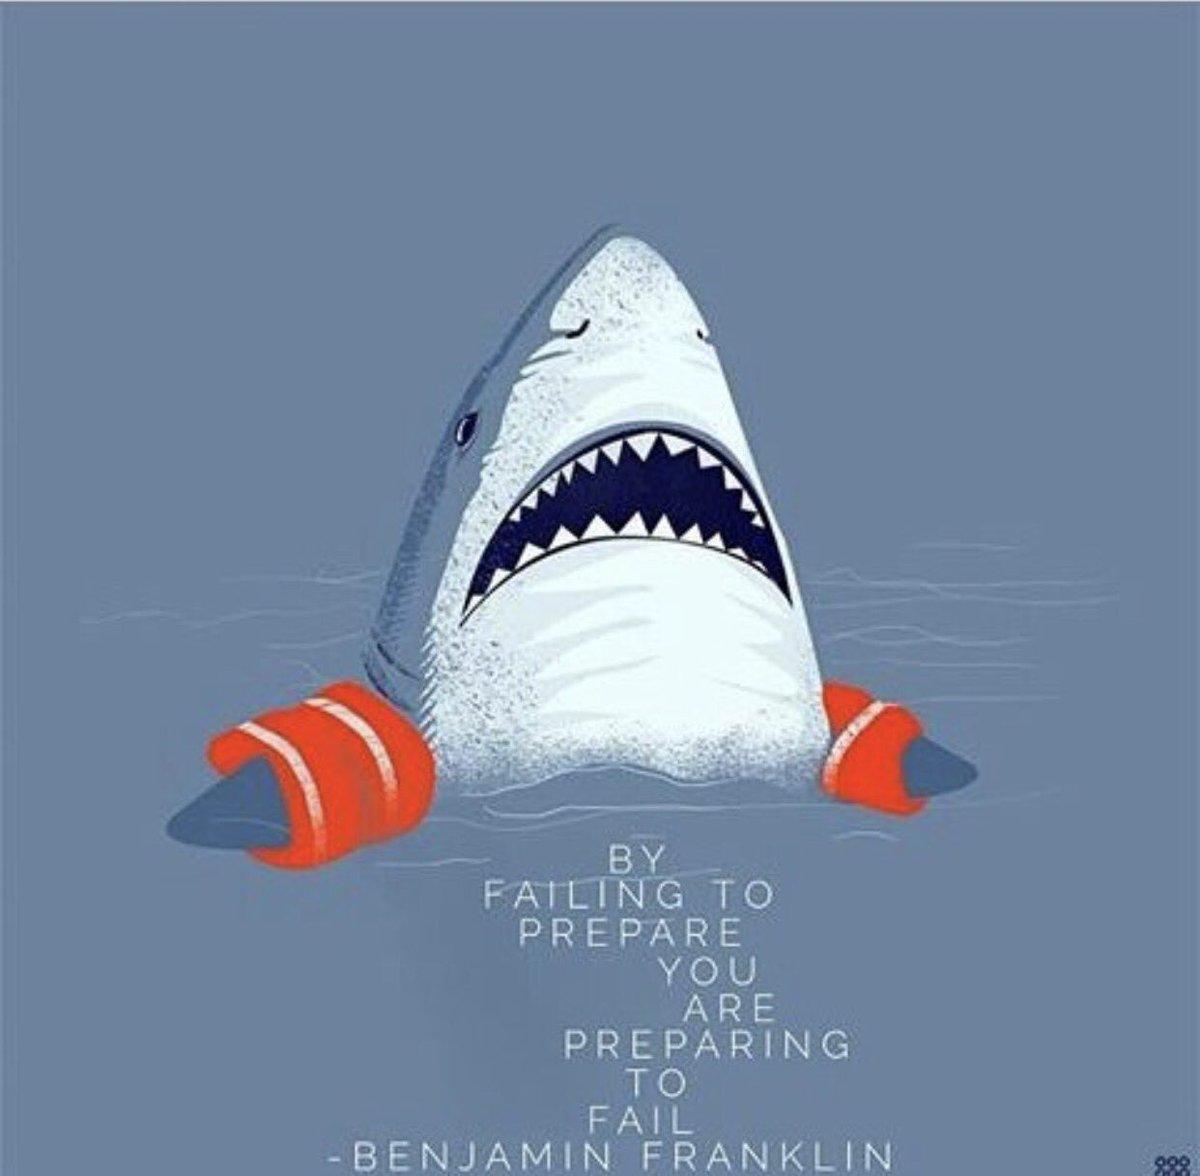 louise shark louiseshark twitter pic com dvvdgvfo07